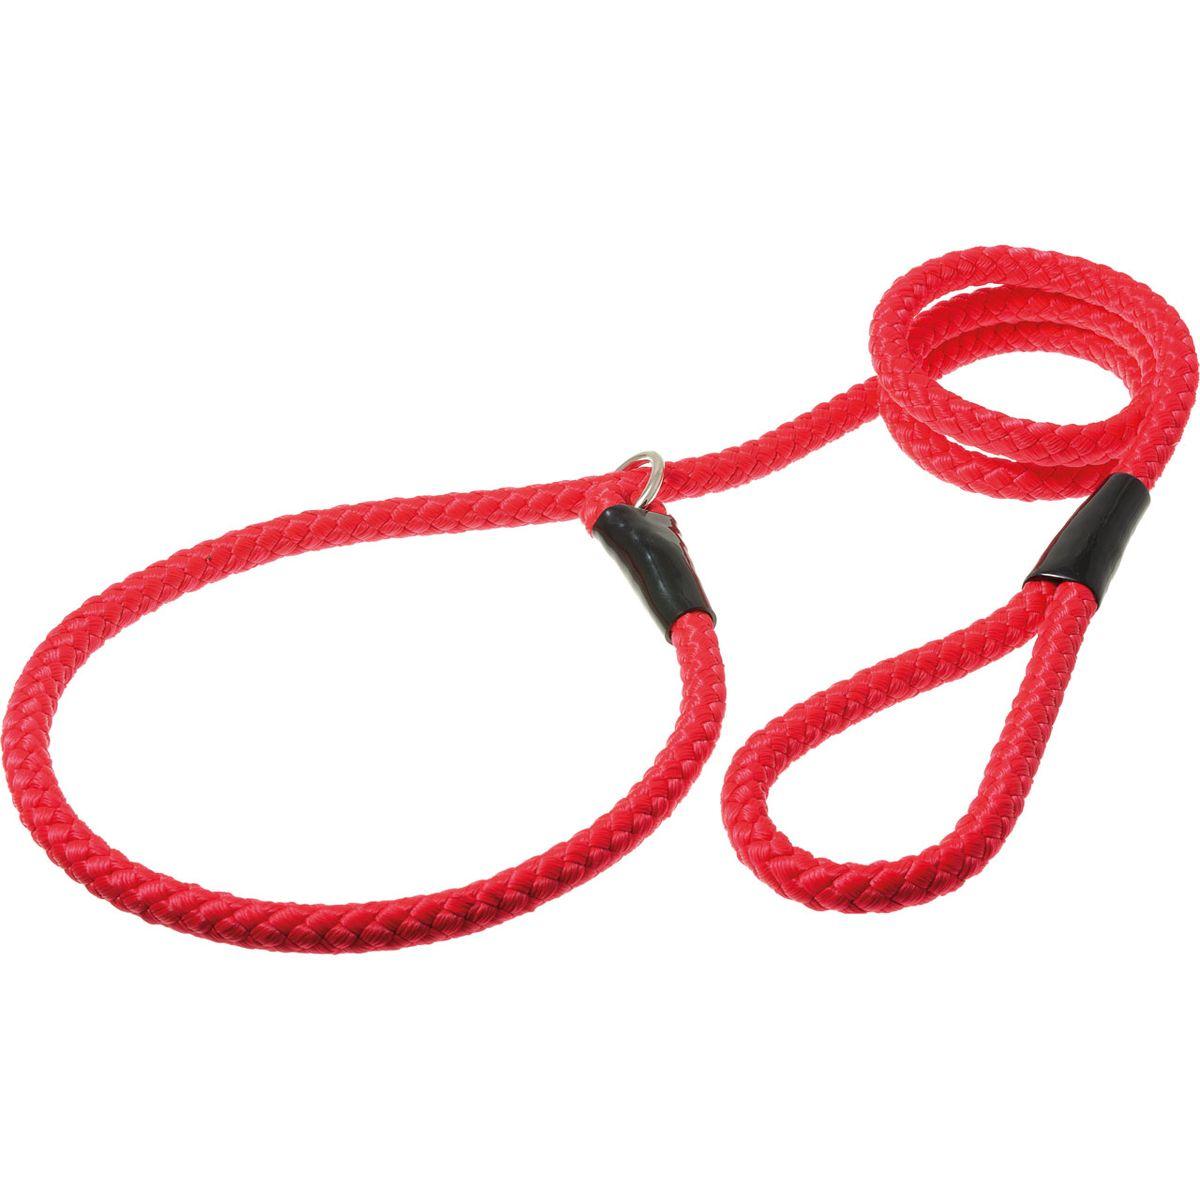 Поводок для собак V.I.Pet, цвет: красный, диаметр 12 мм, длина 1,7 м0120710Поводок-удавка V.I.Pet состоит из петли с фиксатором и, собственно, поводка. Является самым распространенным видом выставочной амуниции. Подходит также для повседневного использования.